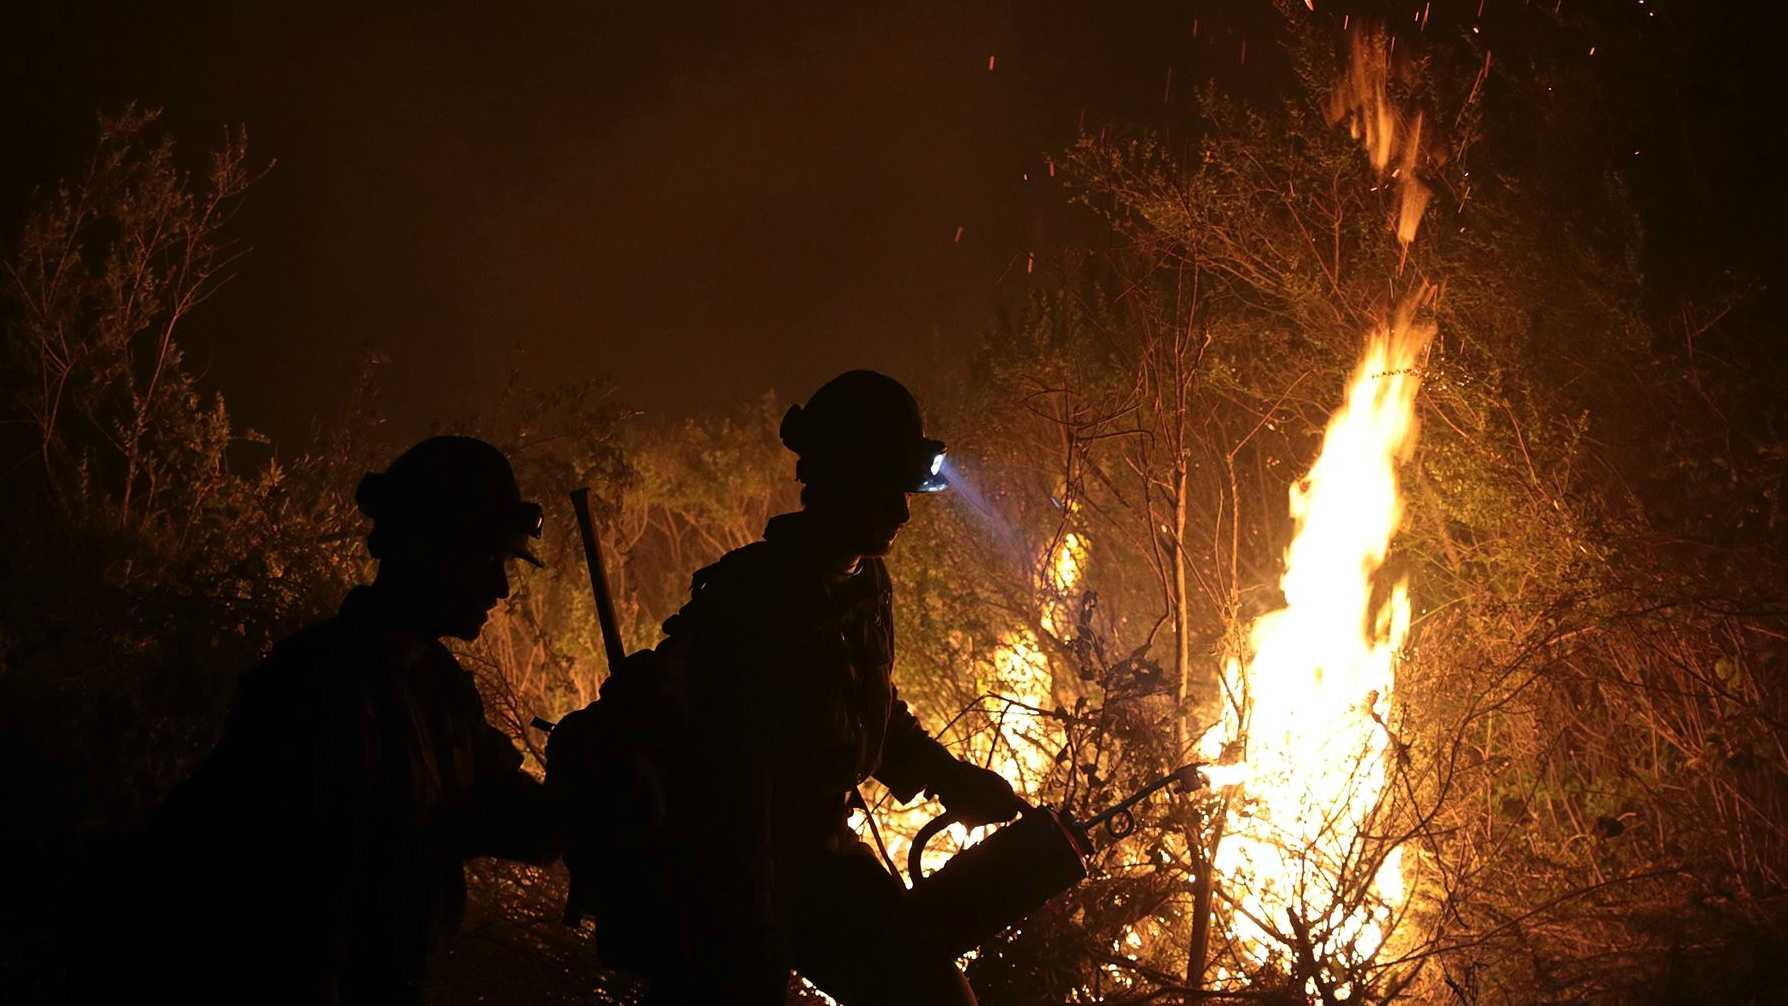 Soberanes Fire - Photo by Matthew Henderson